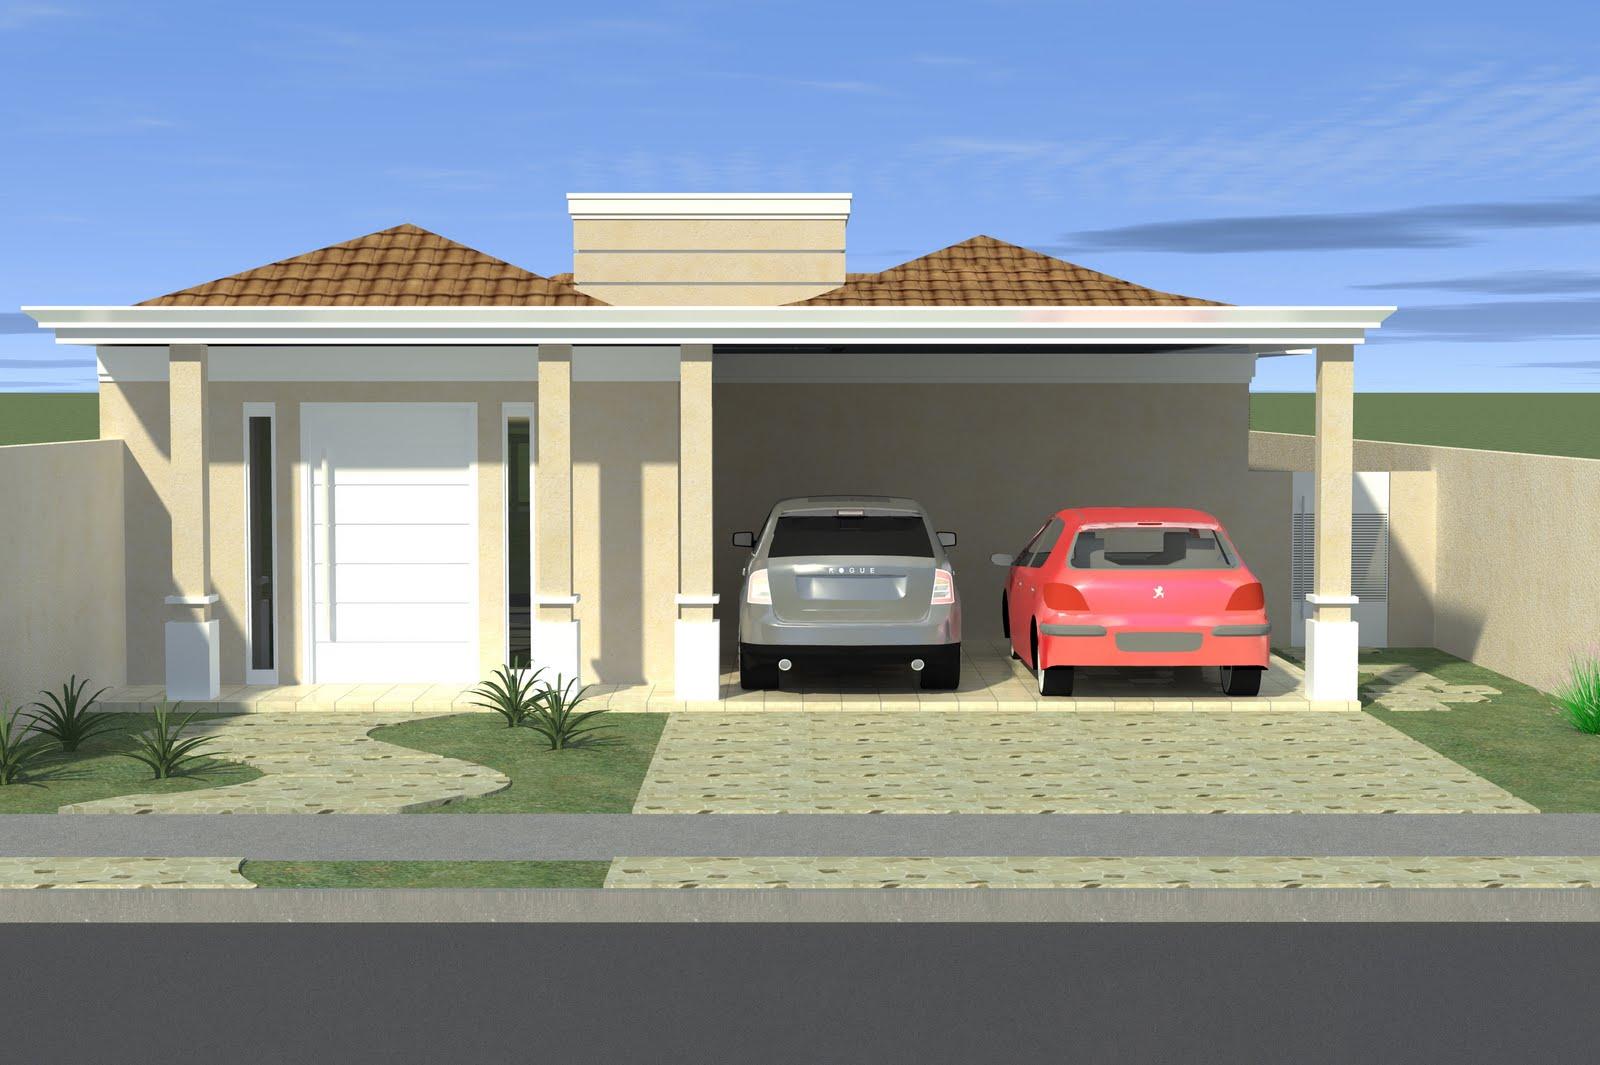 Arquitetura rbr projeto residencial swiss park lenk for Casas modernas baratas